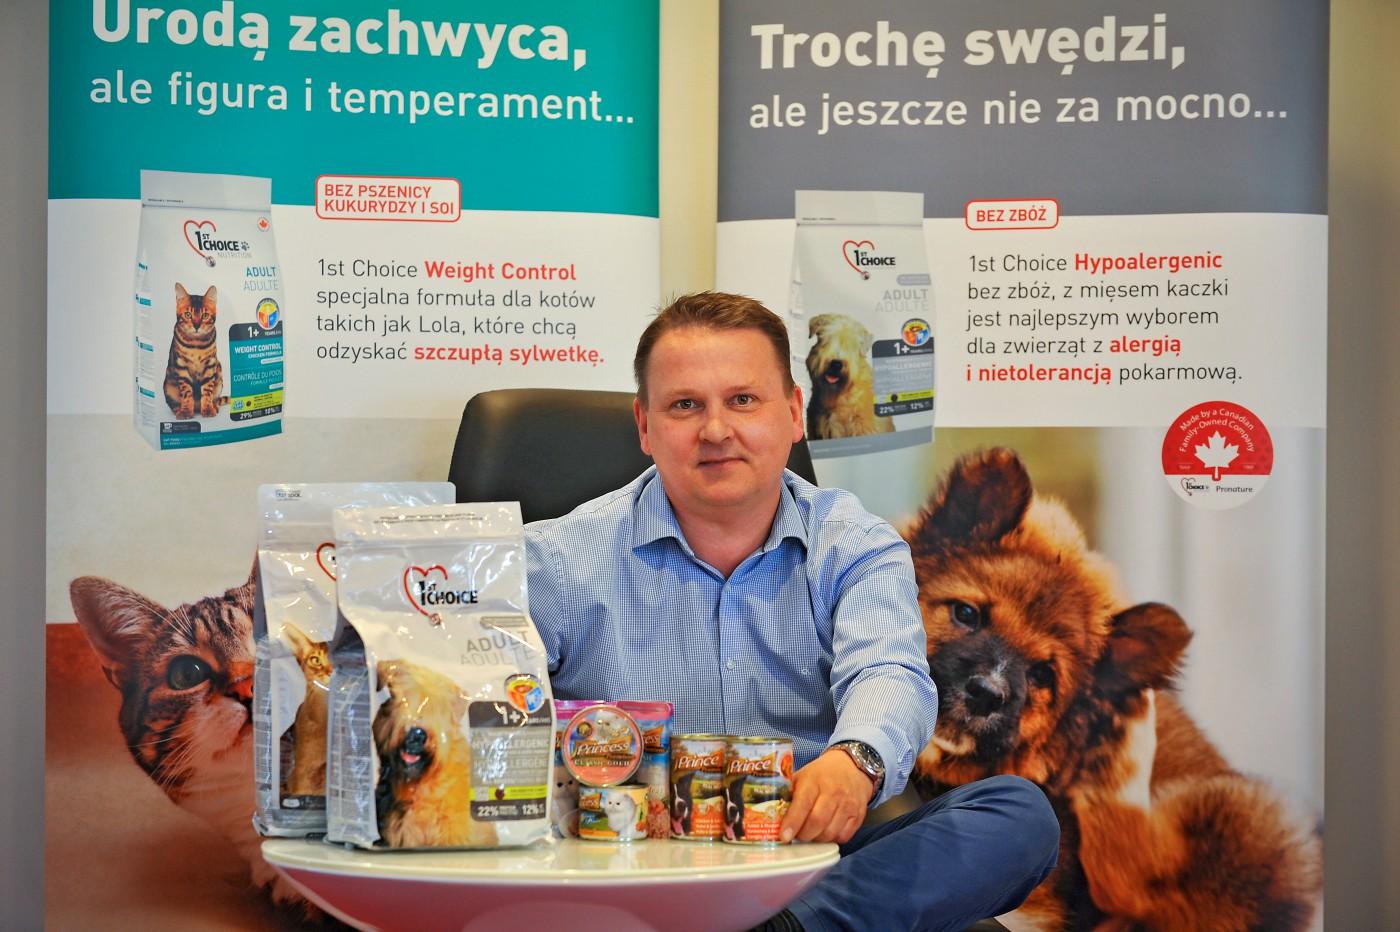 Piotr Kisielewski MW21